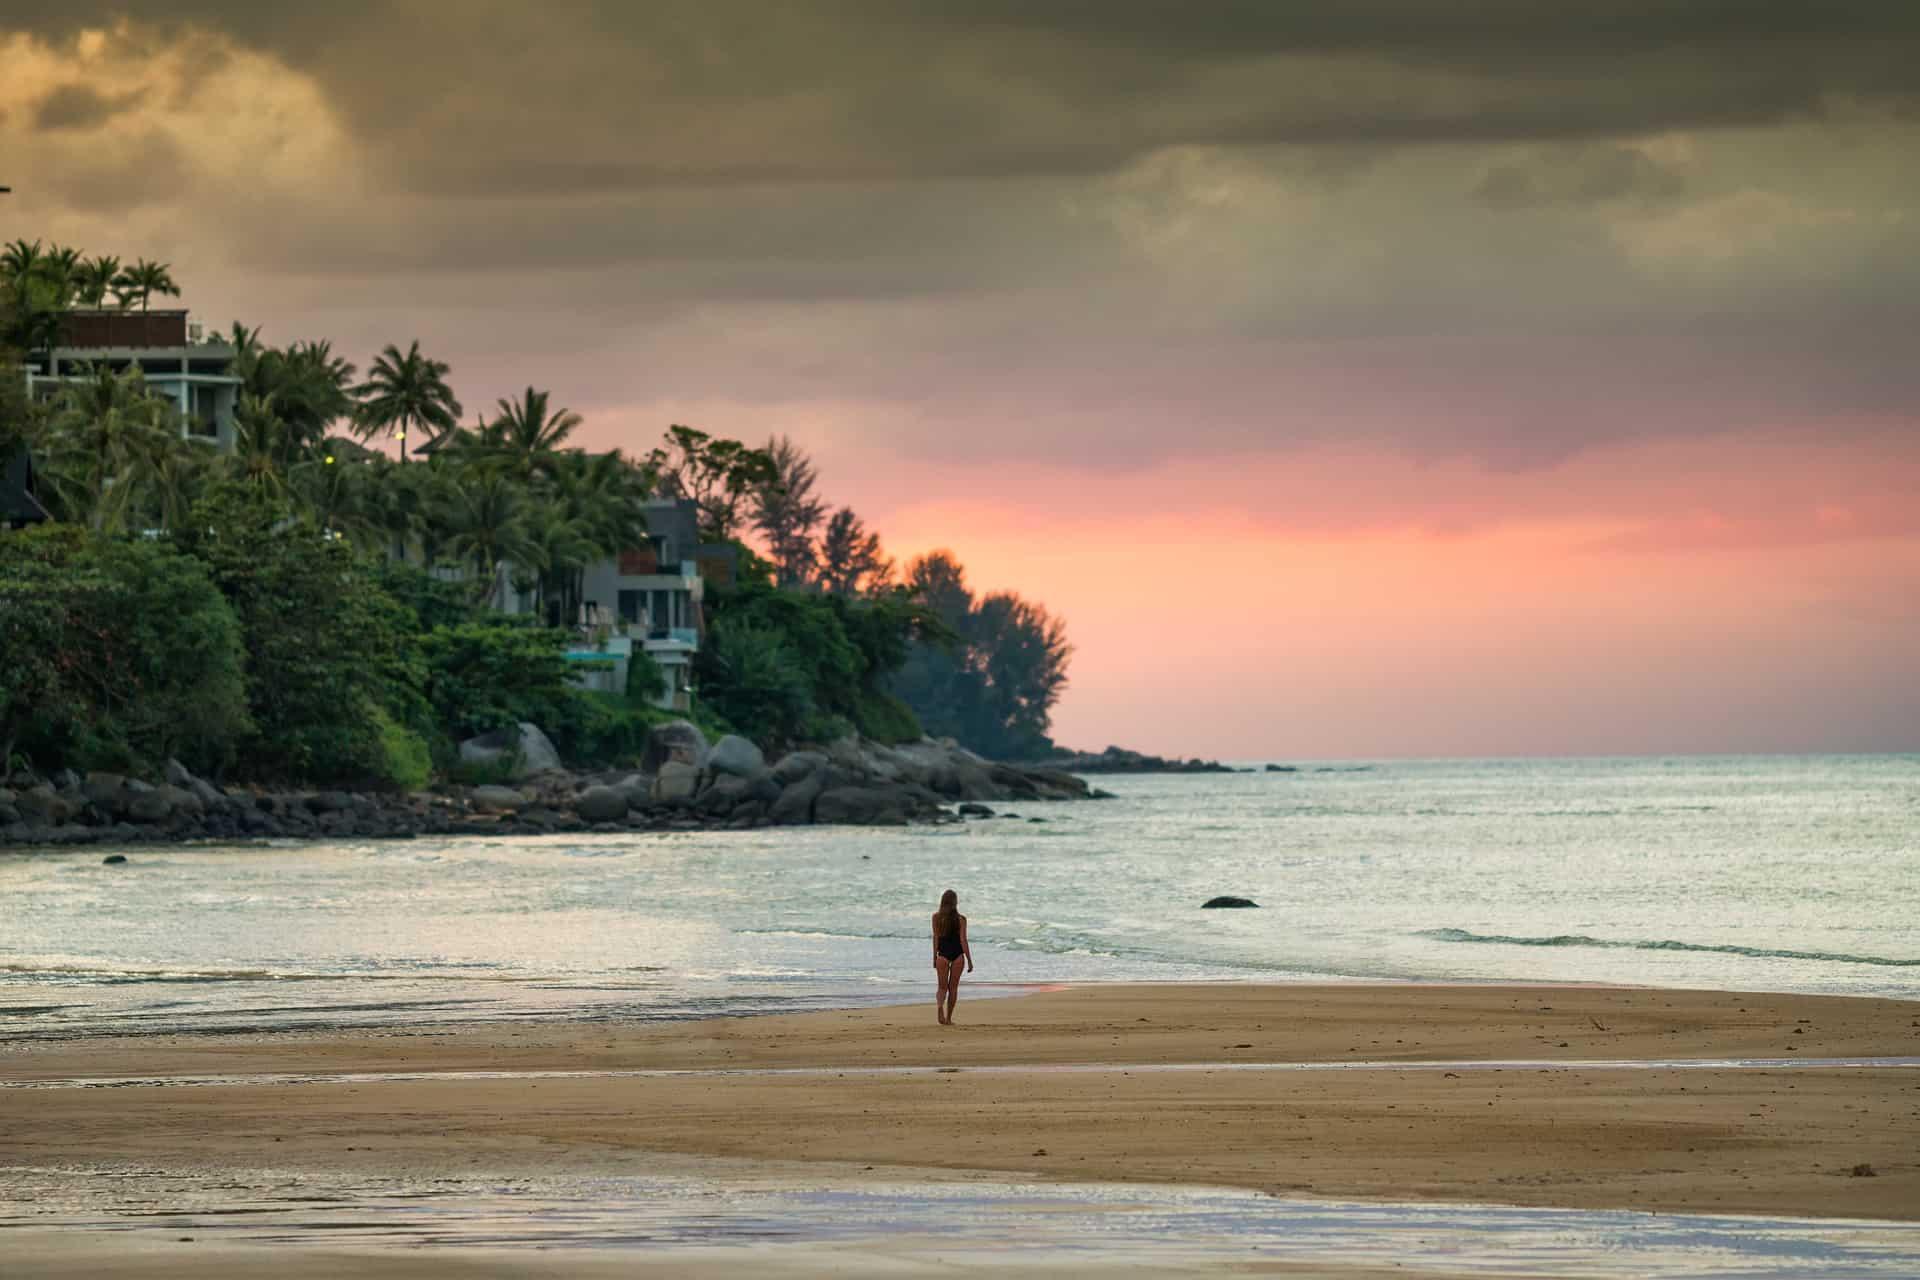 Honeymoon Reisen in Phuket - billig mit dem Spring Sale